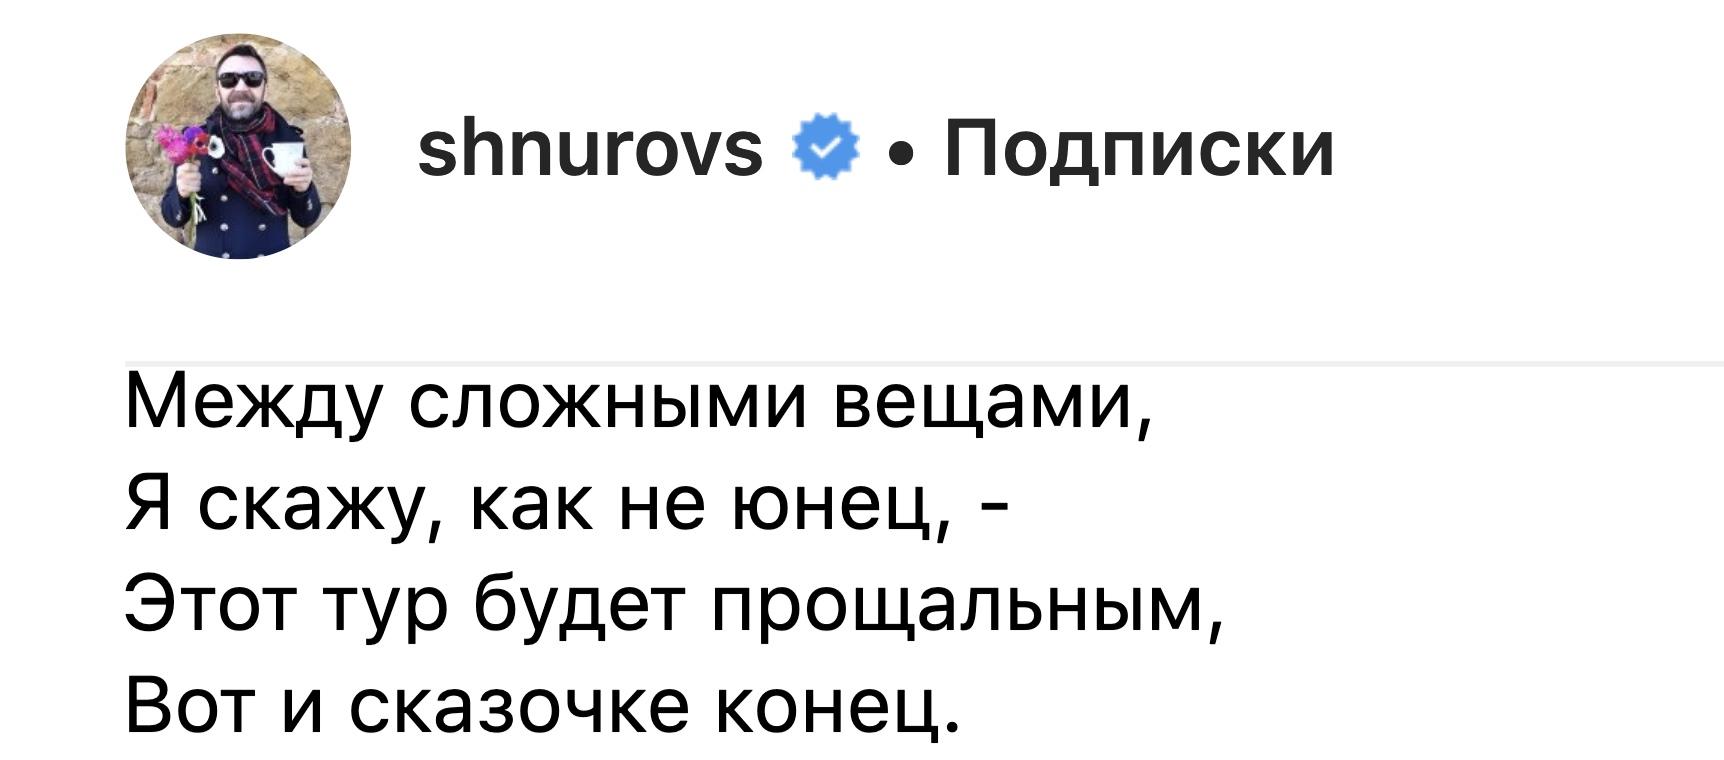 Группировка «Ленинград» заканчивает свою музыкальную деятельность?